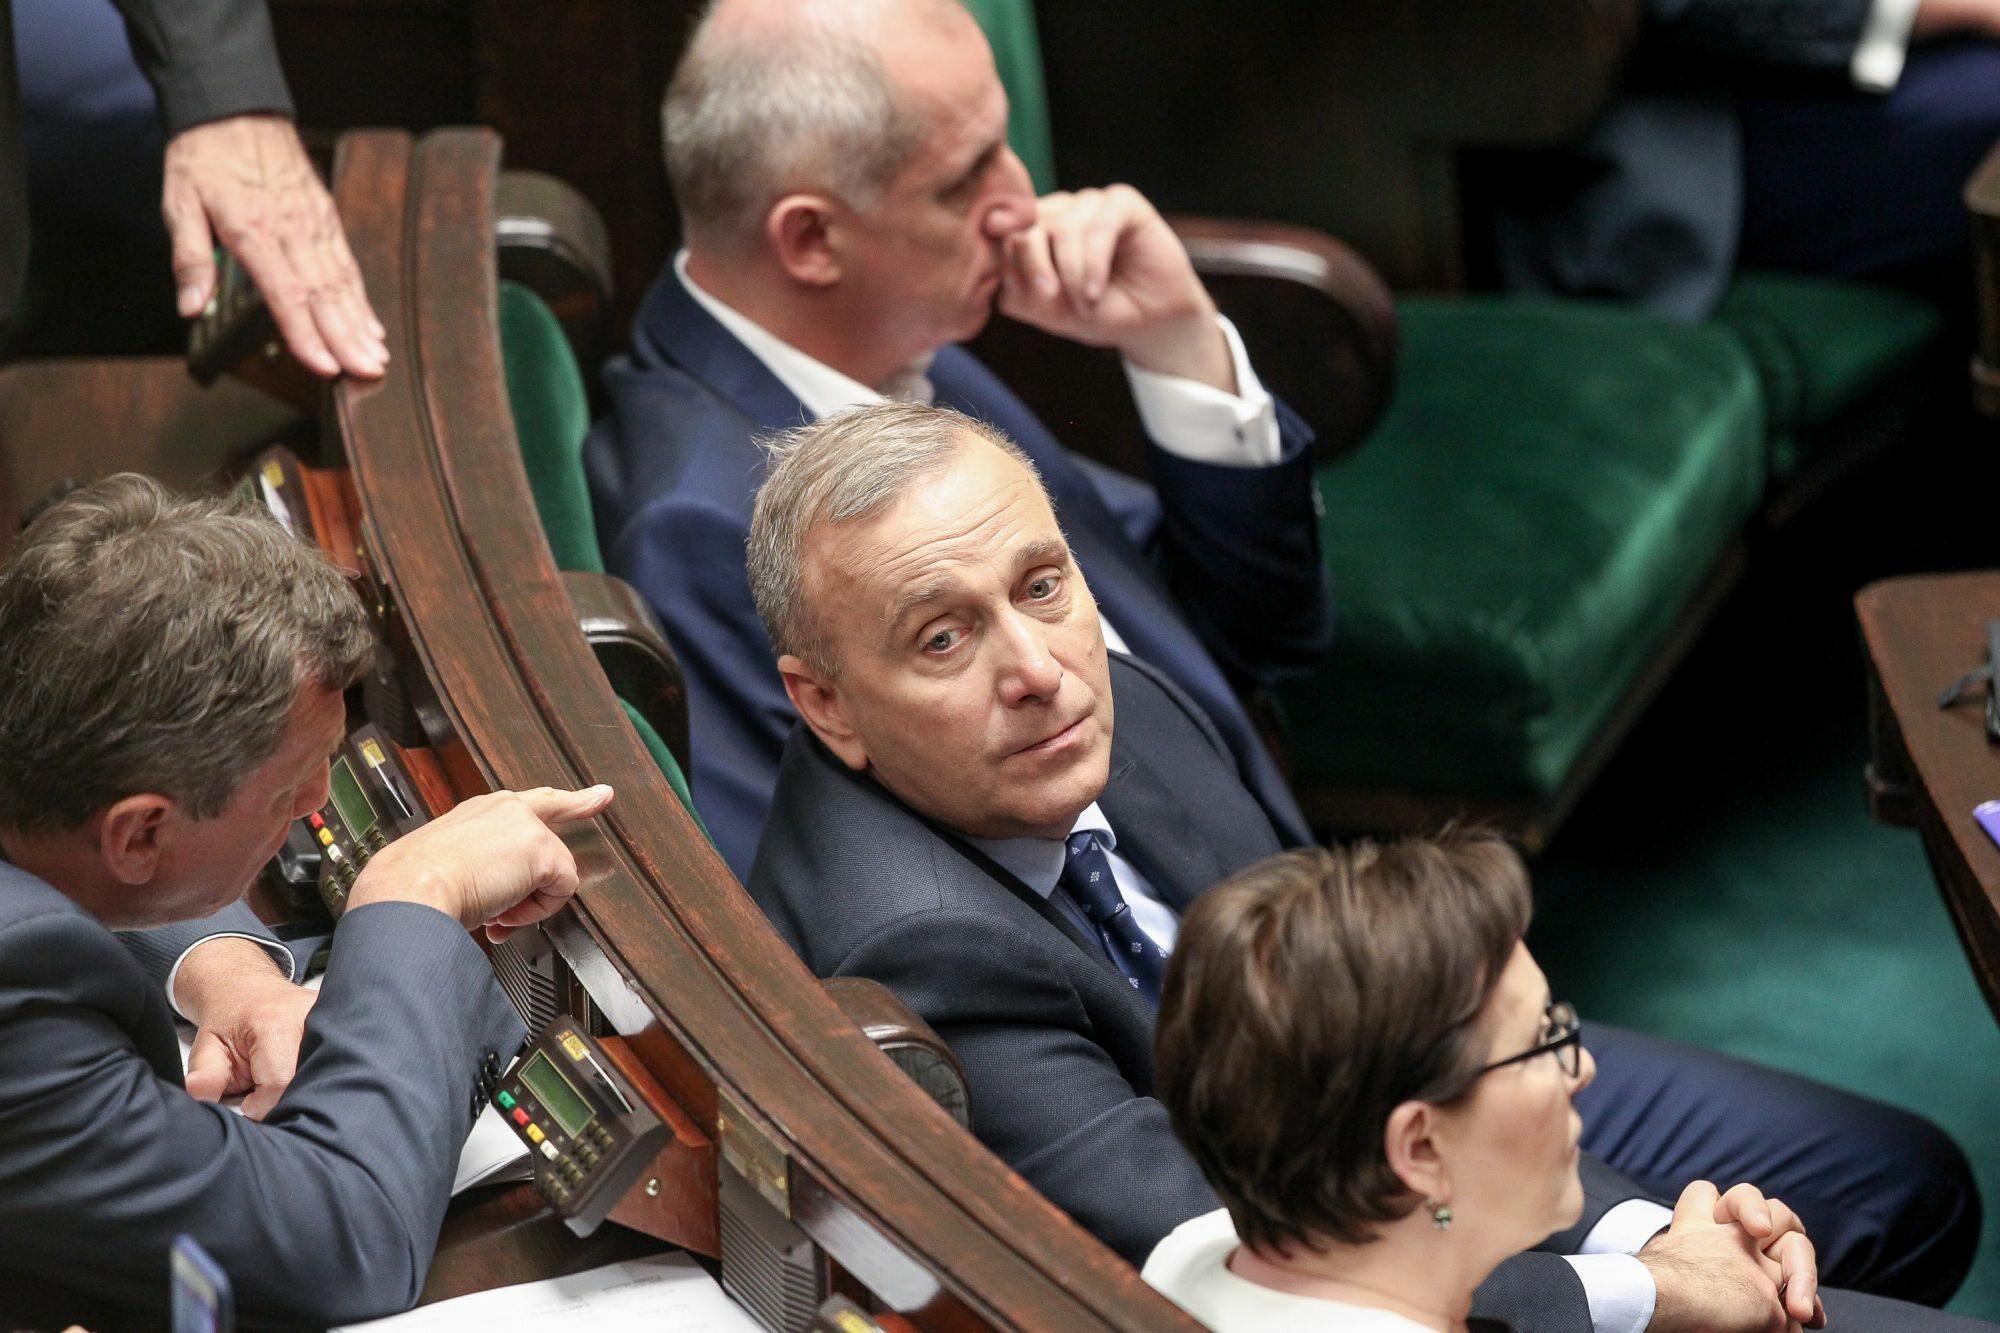 Politycy PO w trakcie informacji  w Sejmie ws. okoliczności śmierci Igora Stachowiaka